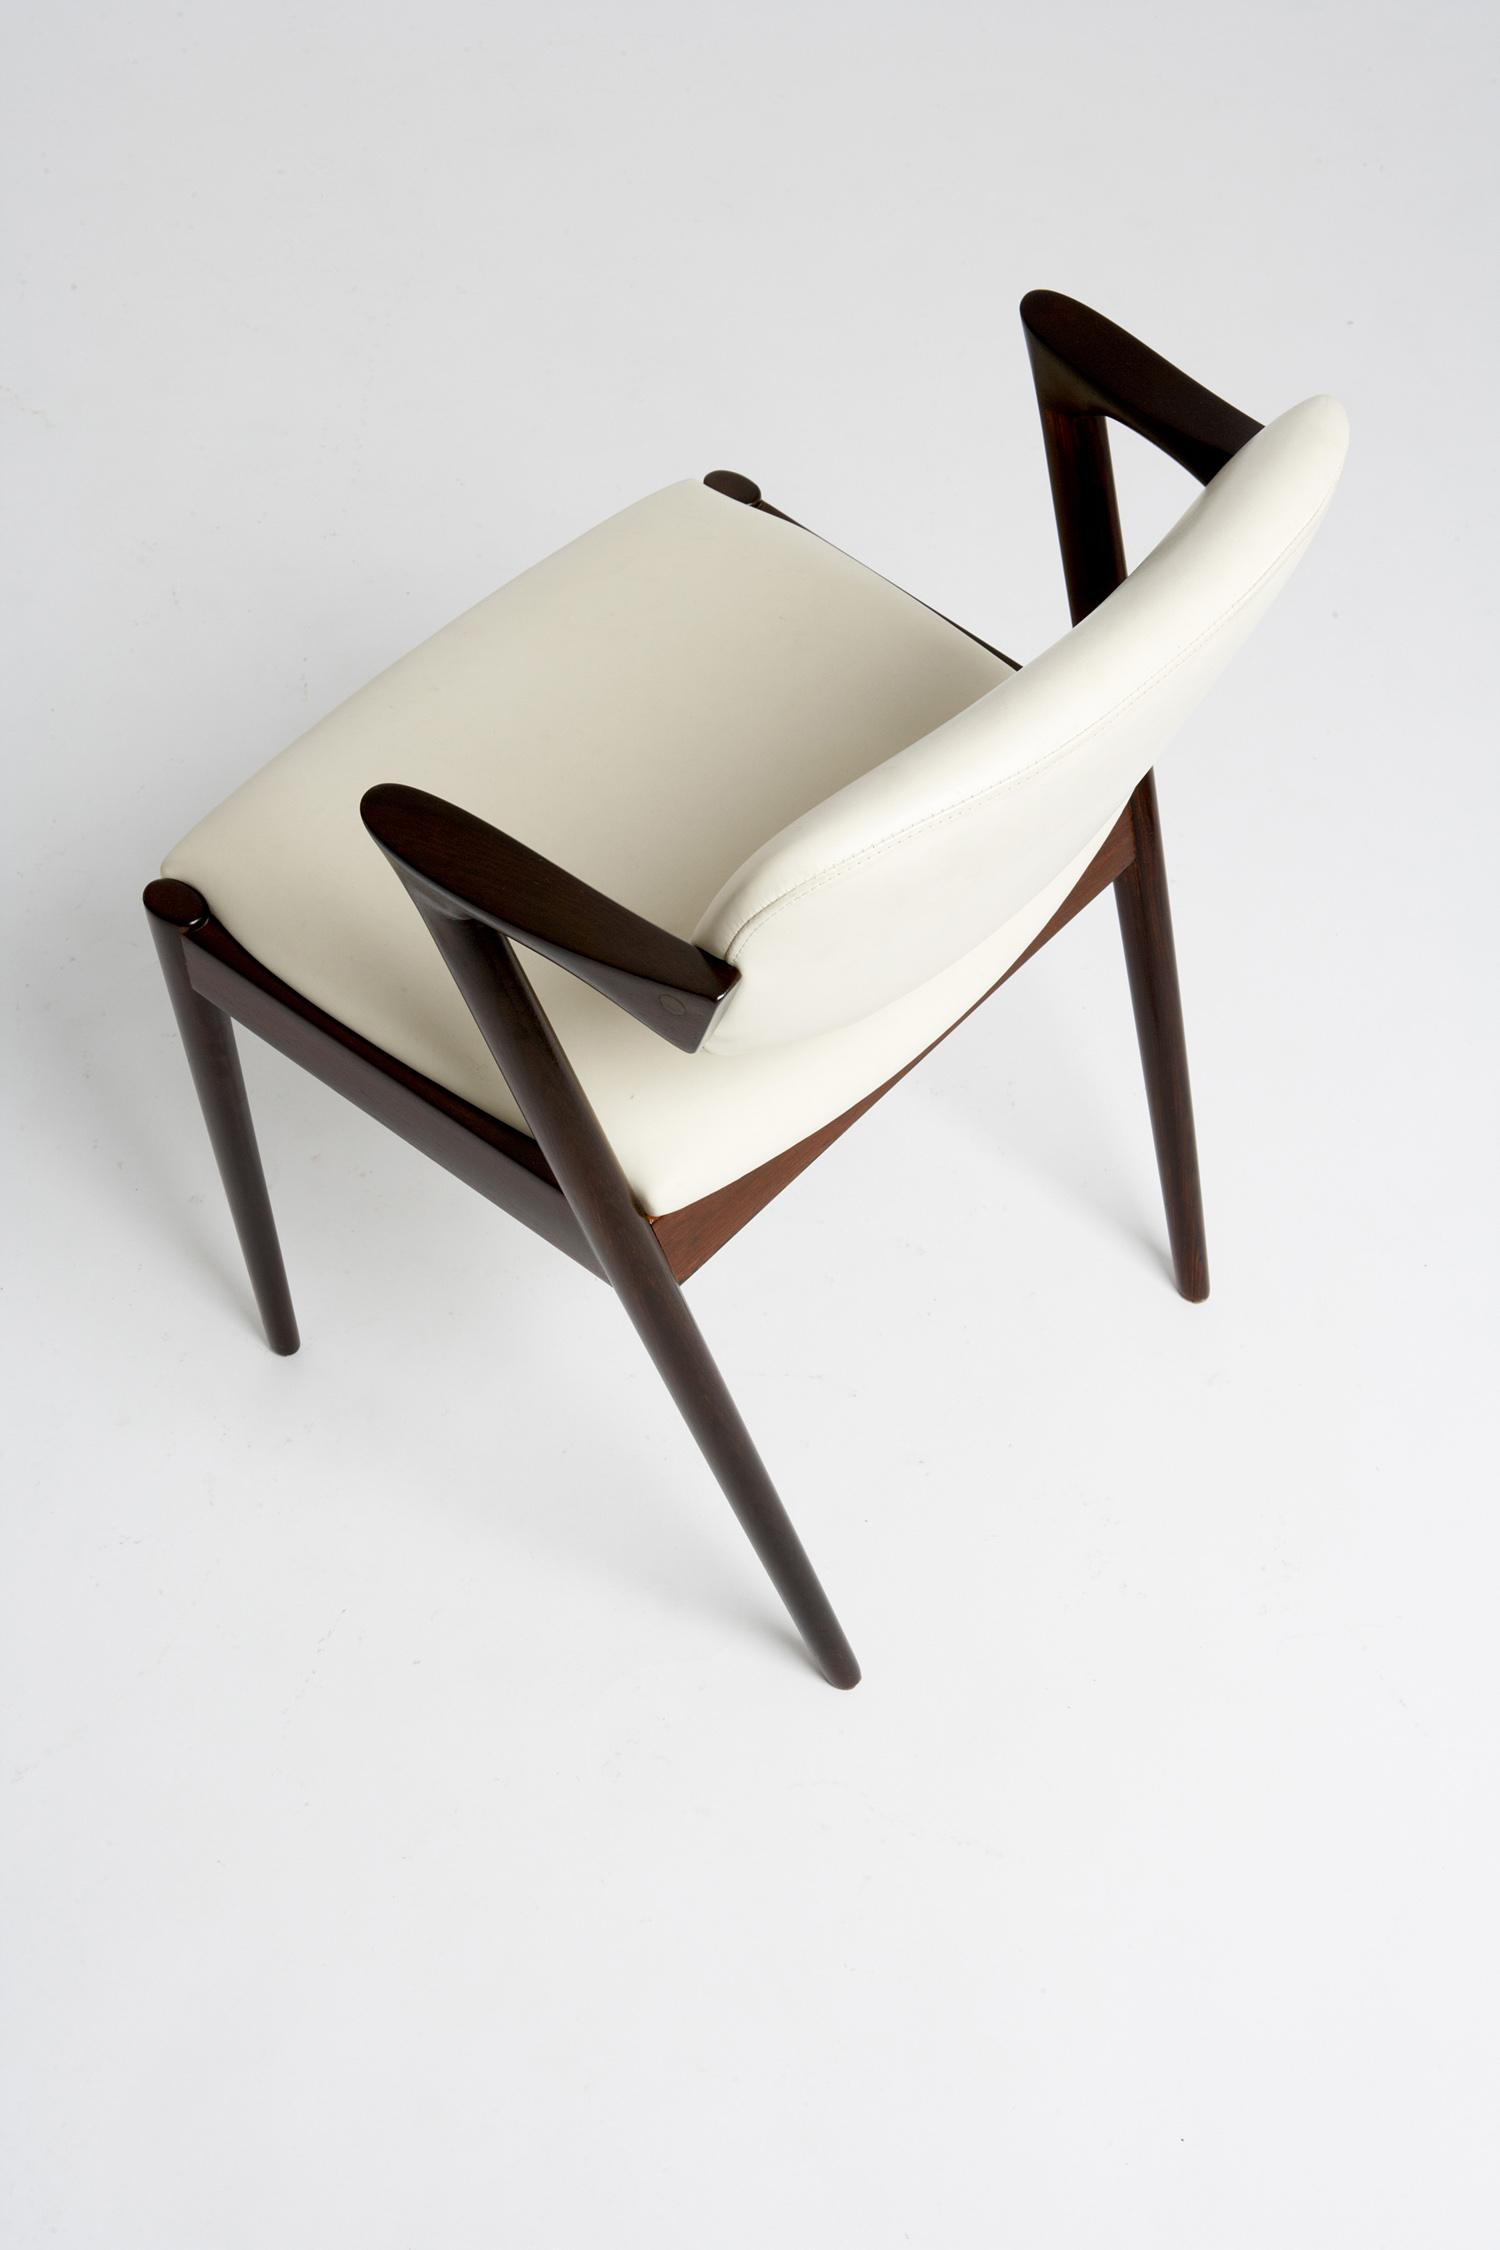 K Kristiansen 1957 Carver   • made 1957-90  •